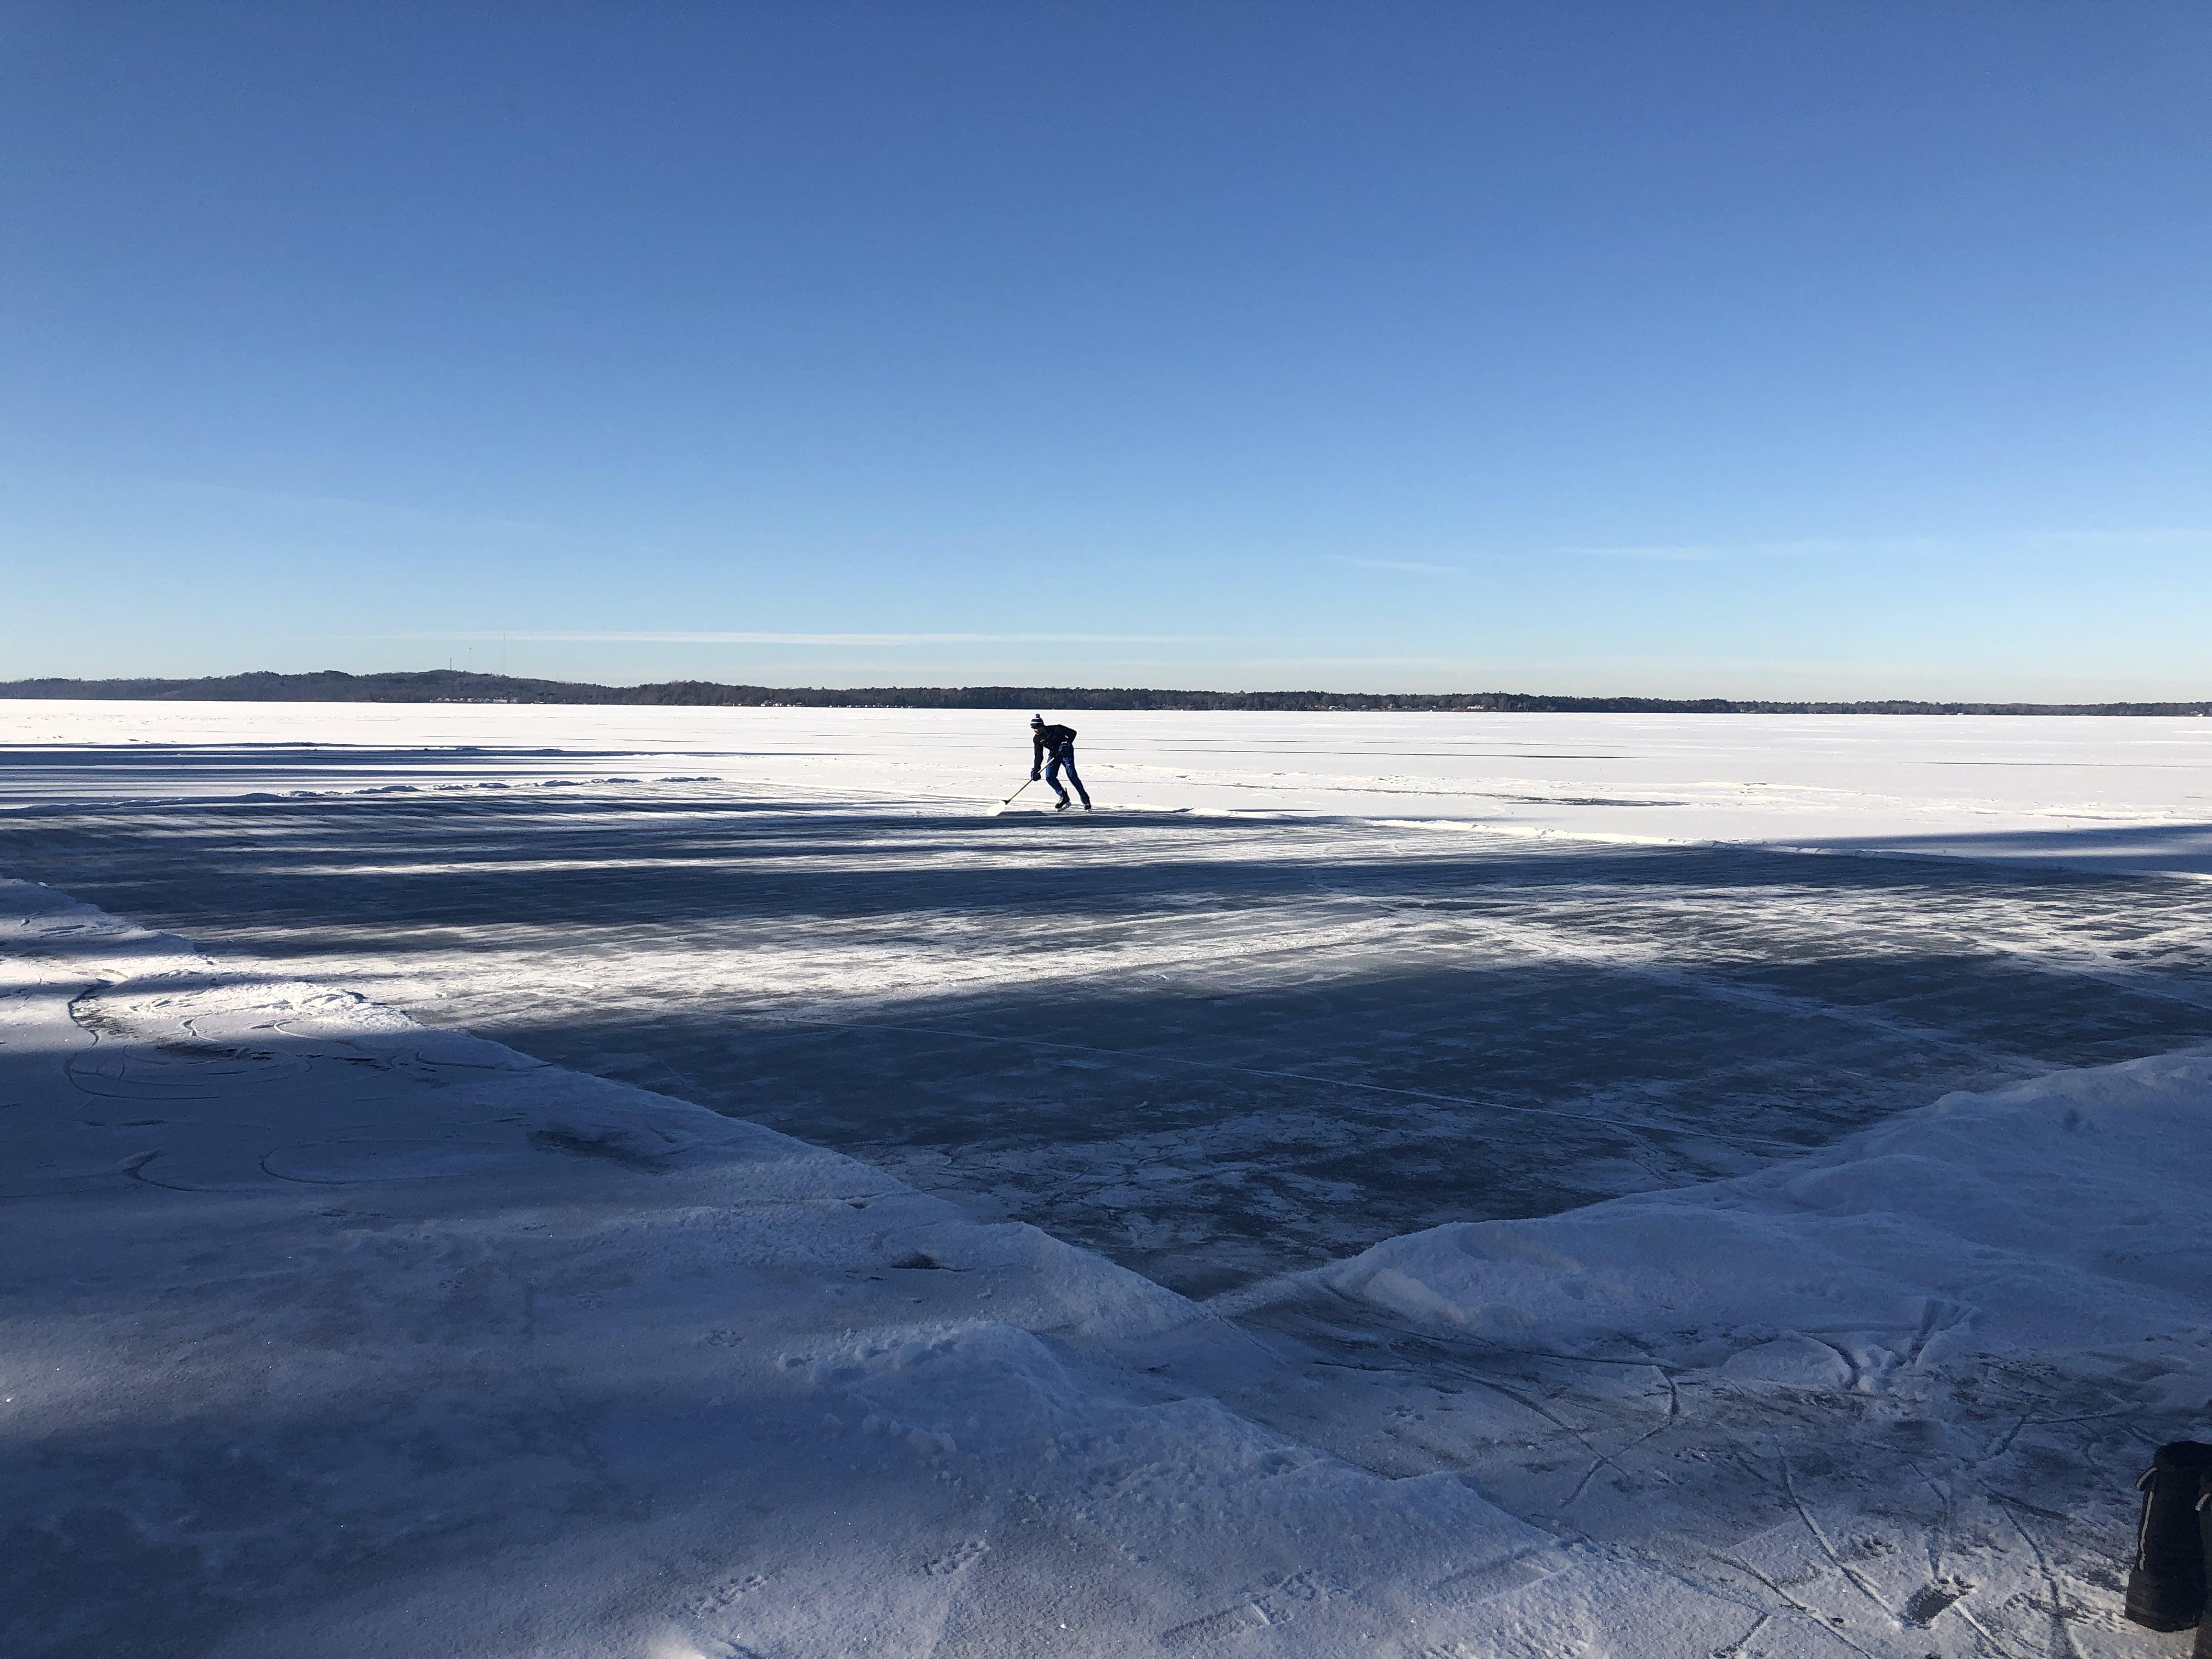 Enjoying a beautiful winter day on the lake.